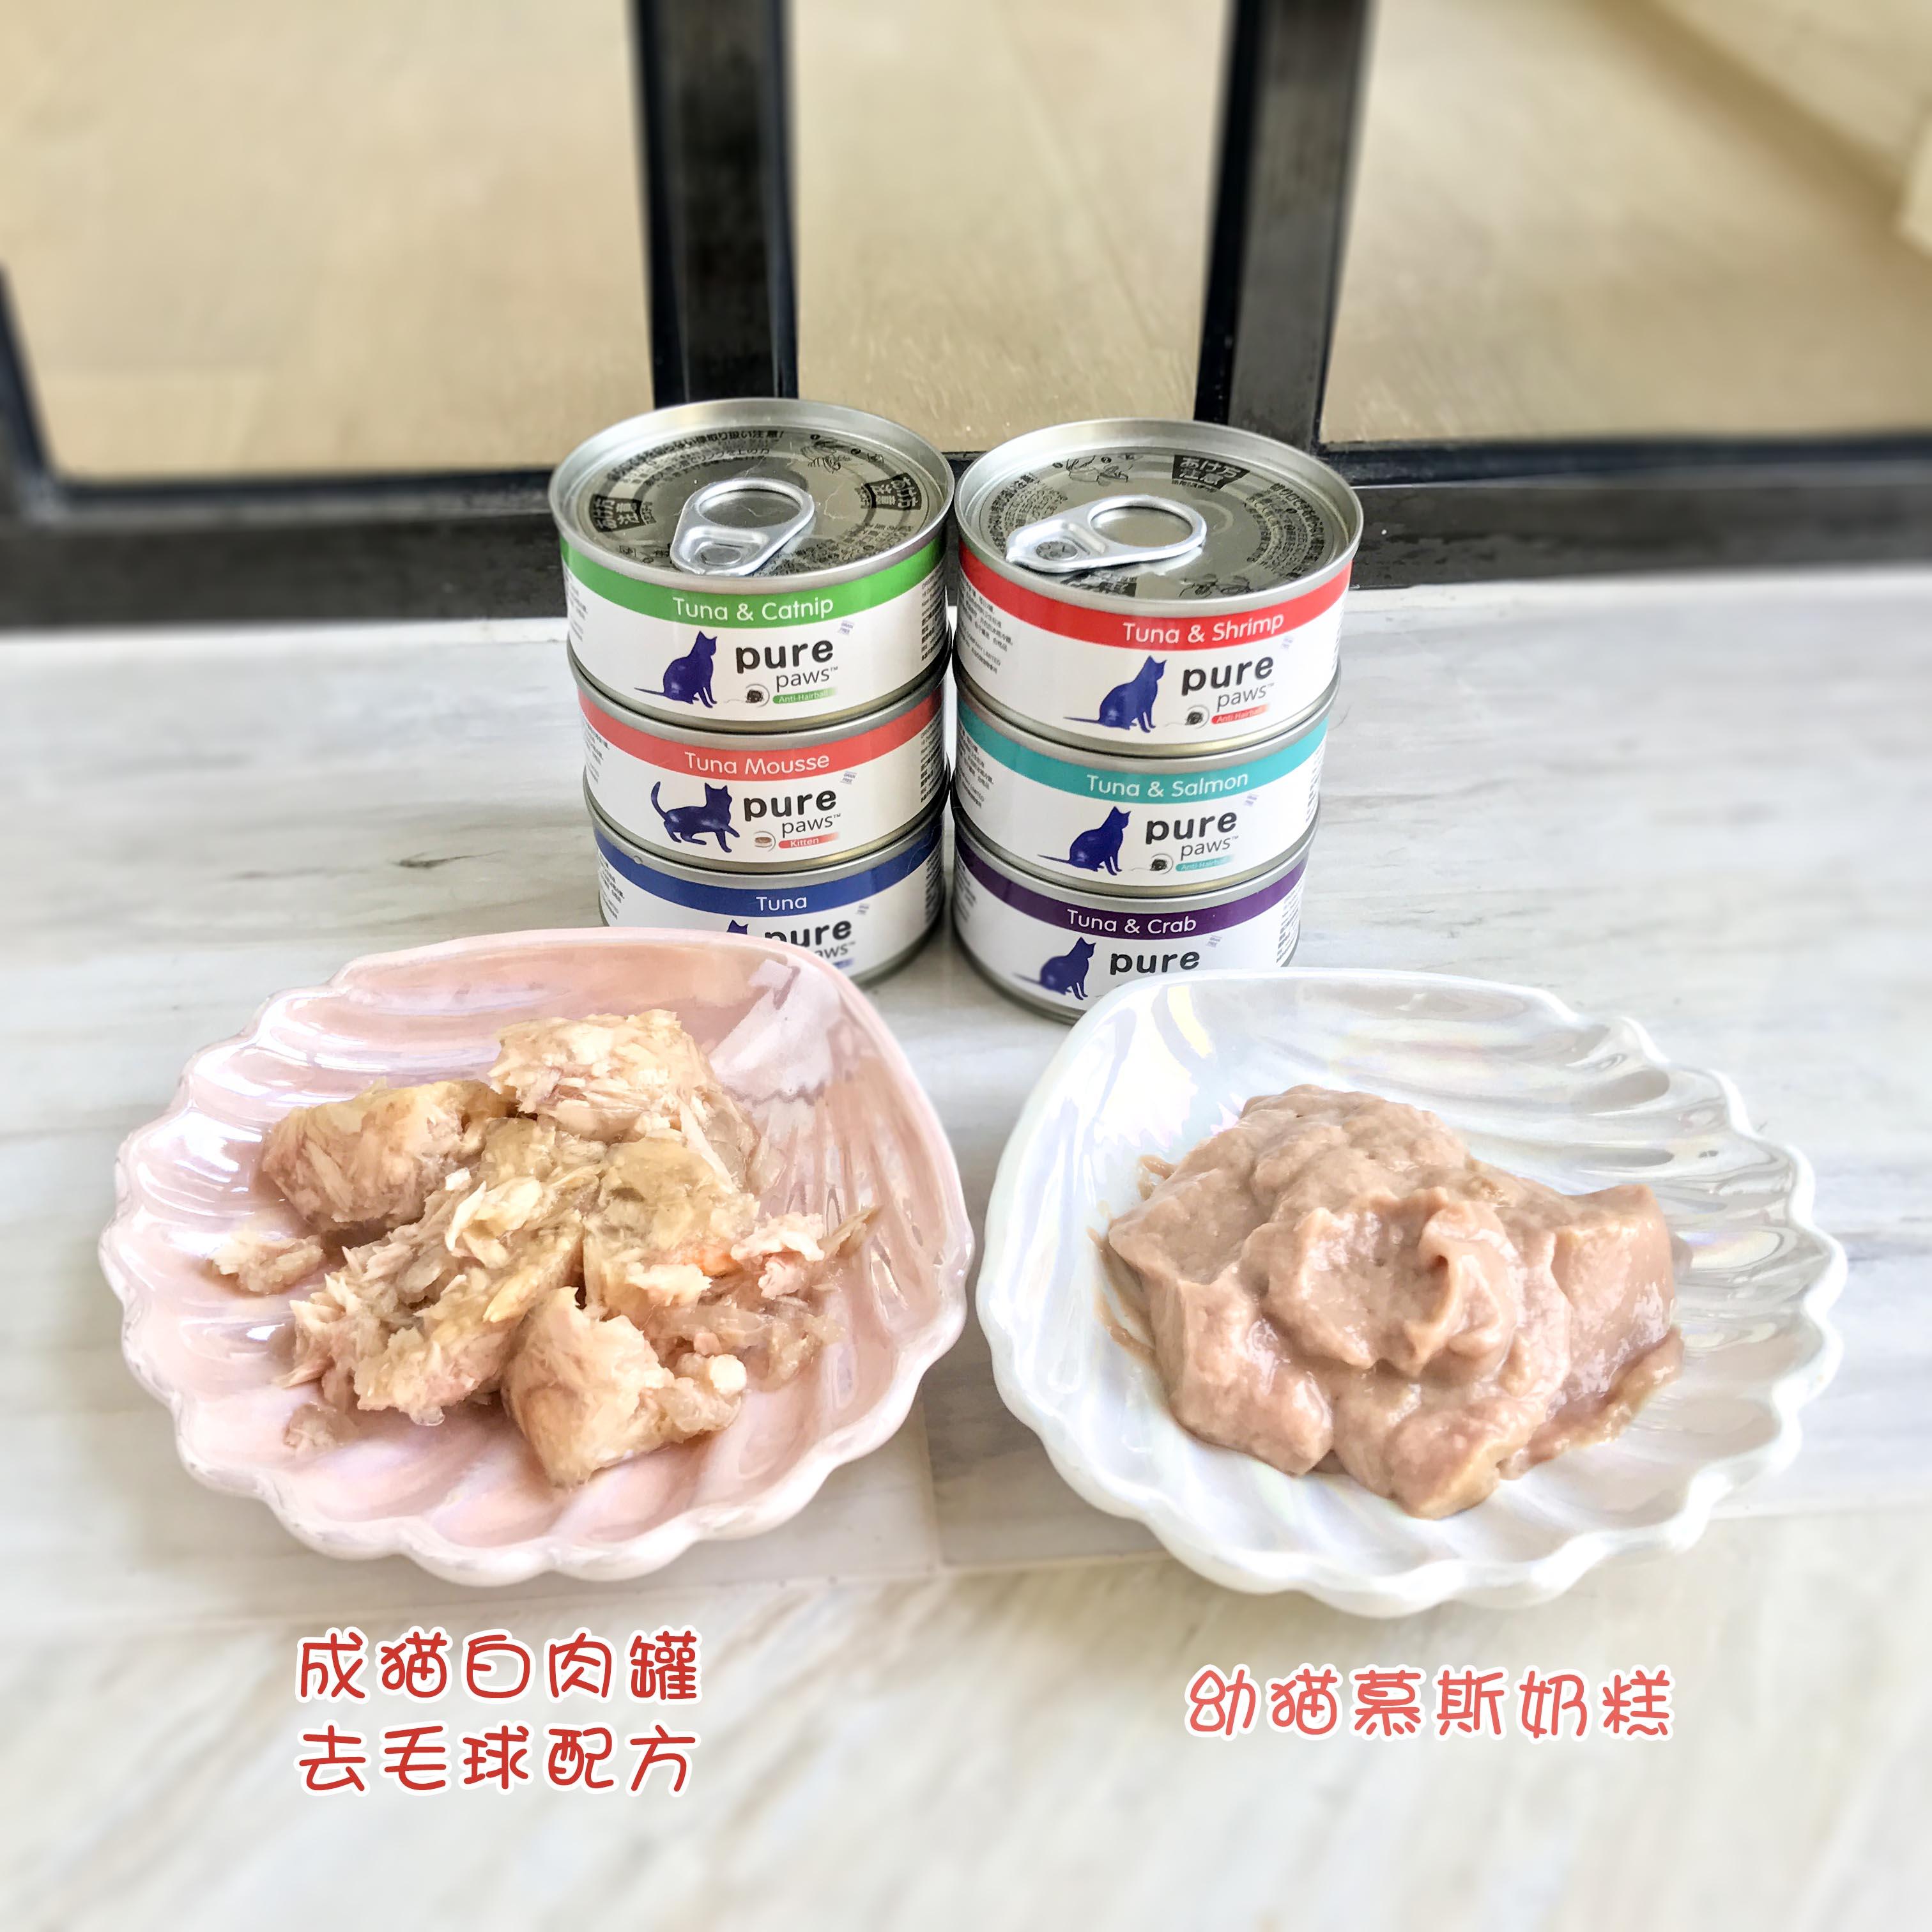 泰国原装进口飘仕猫罐头pure成幼猫去毛球奶糕拼箱6罐 24罐包邮